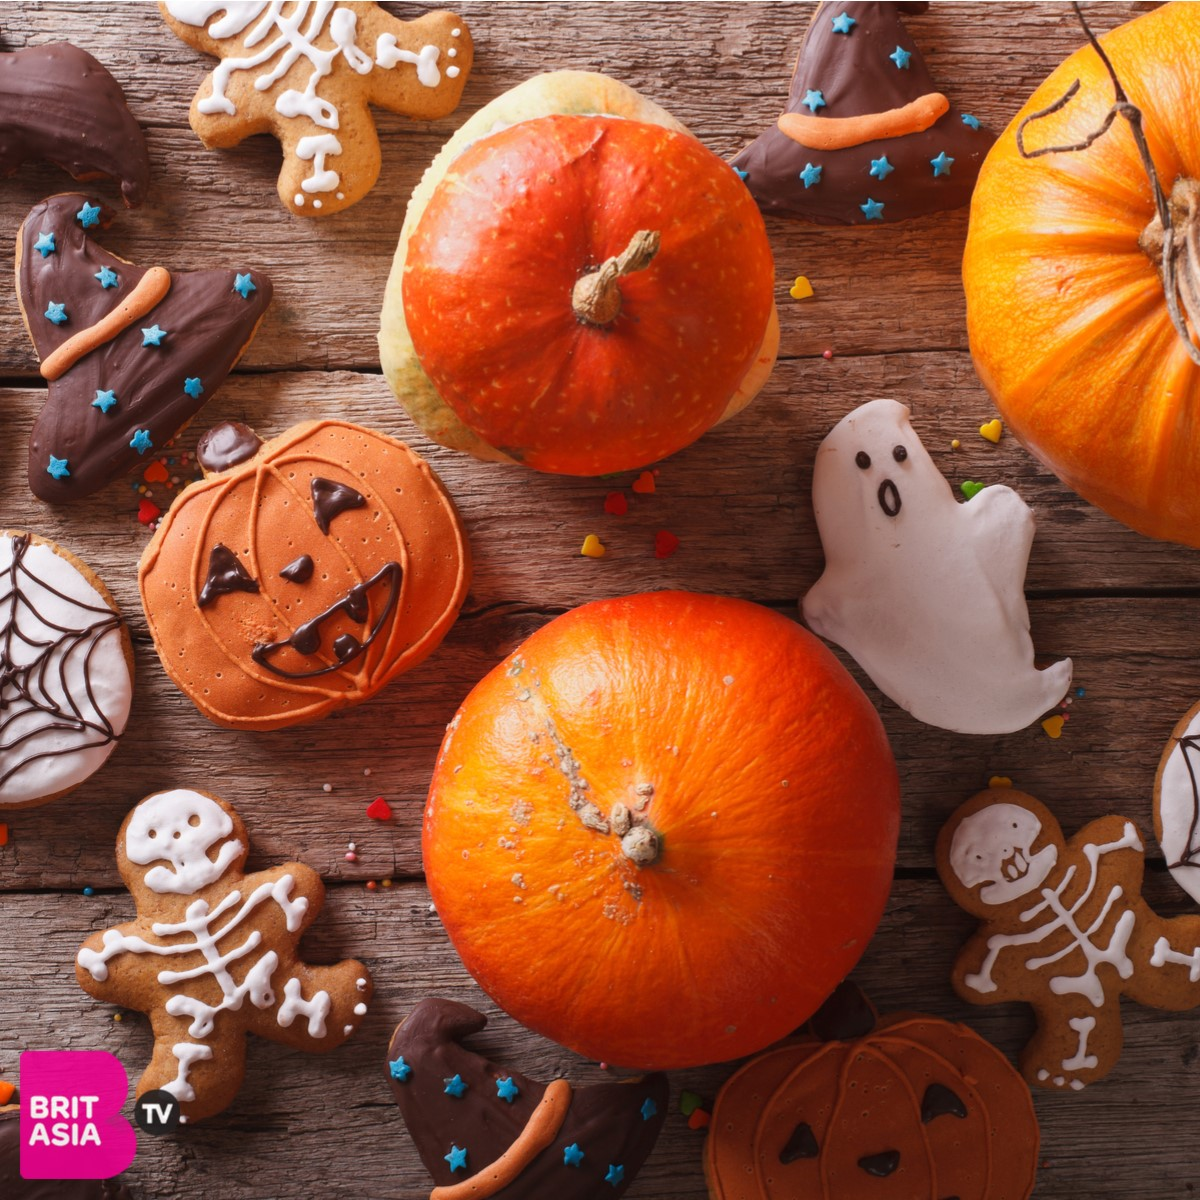 Aankita pumpkin spice halloween make up look